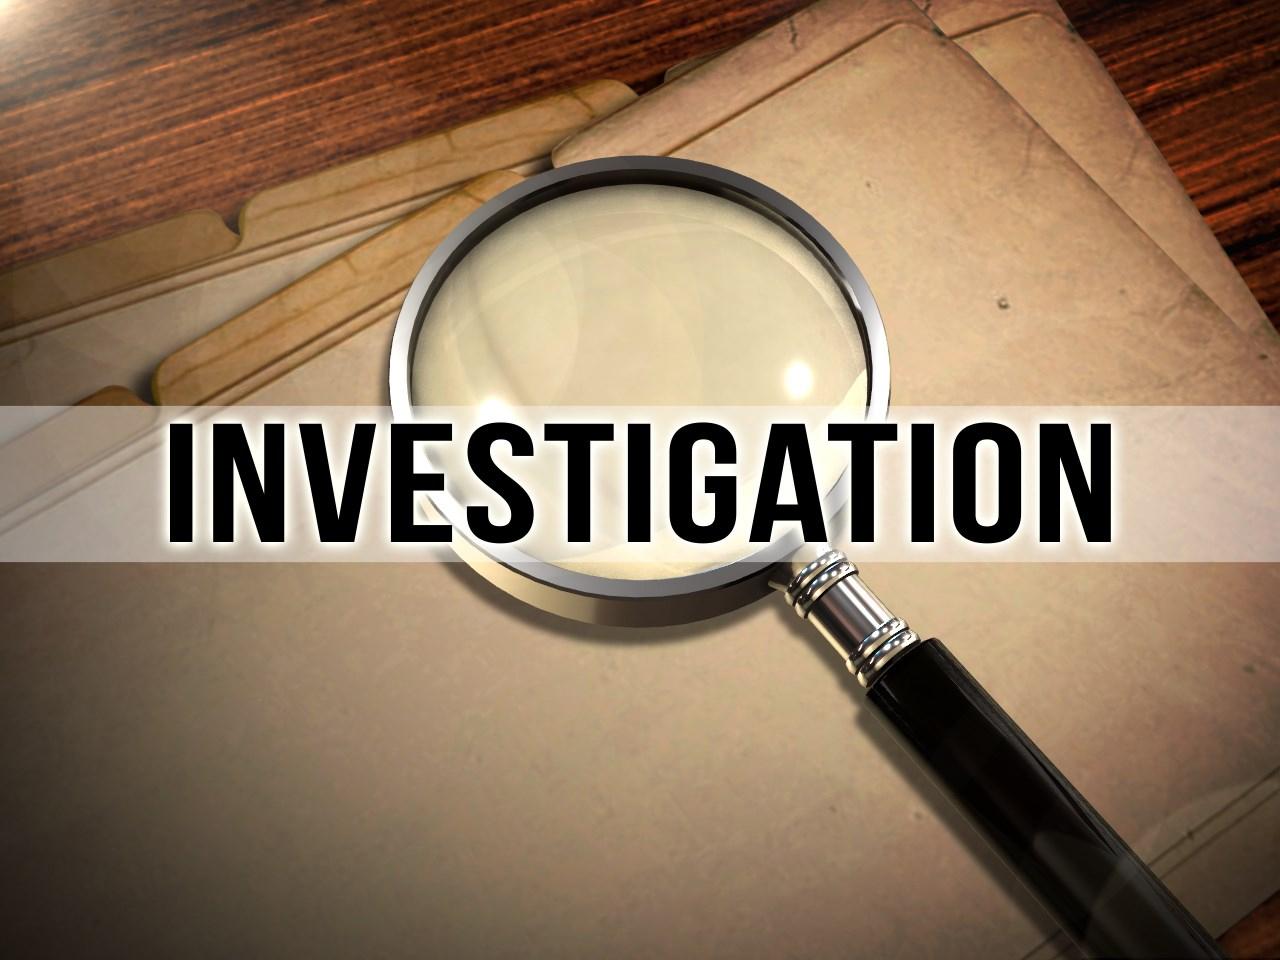 investigationnnnn_1545243164004.jpg